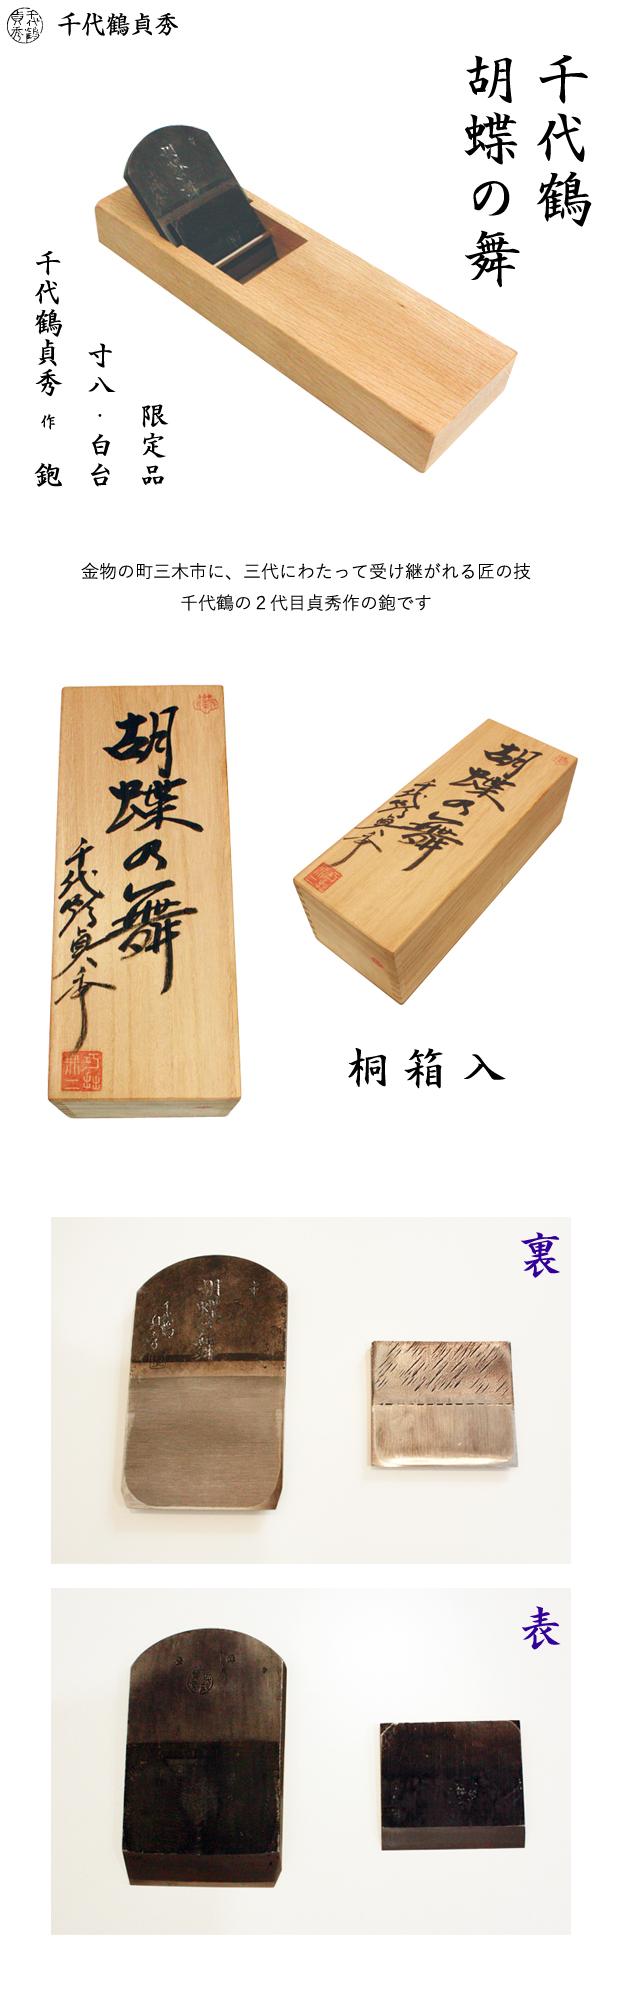 千代鶴貞秀 「胡蝶の舞」  寸八 白台 桐箱入